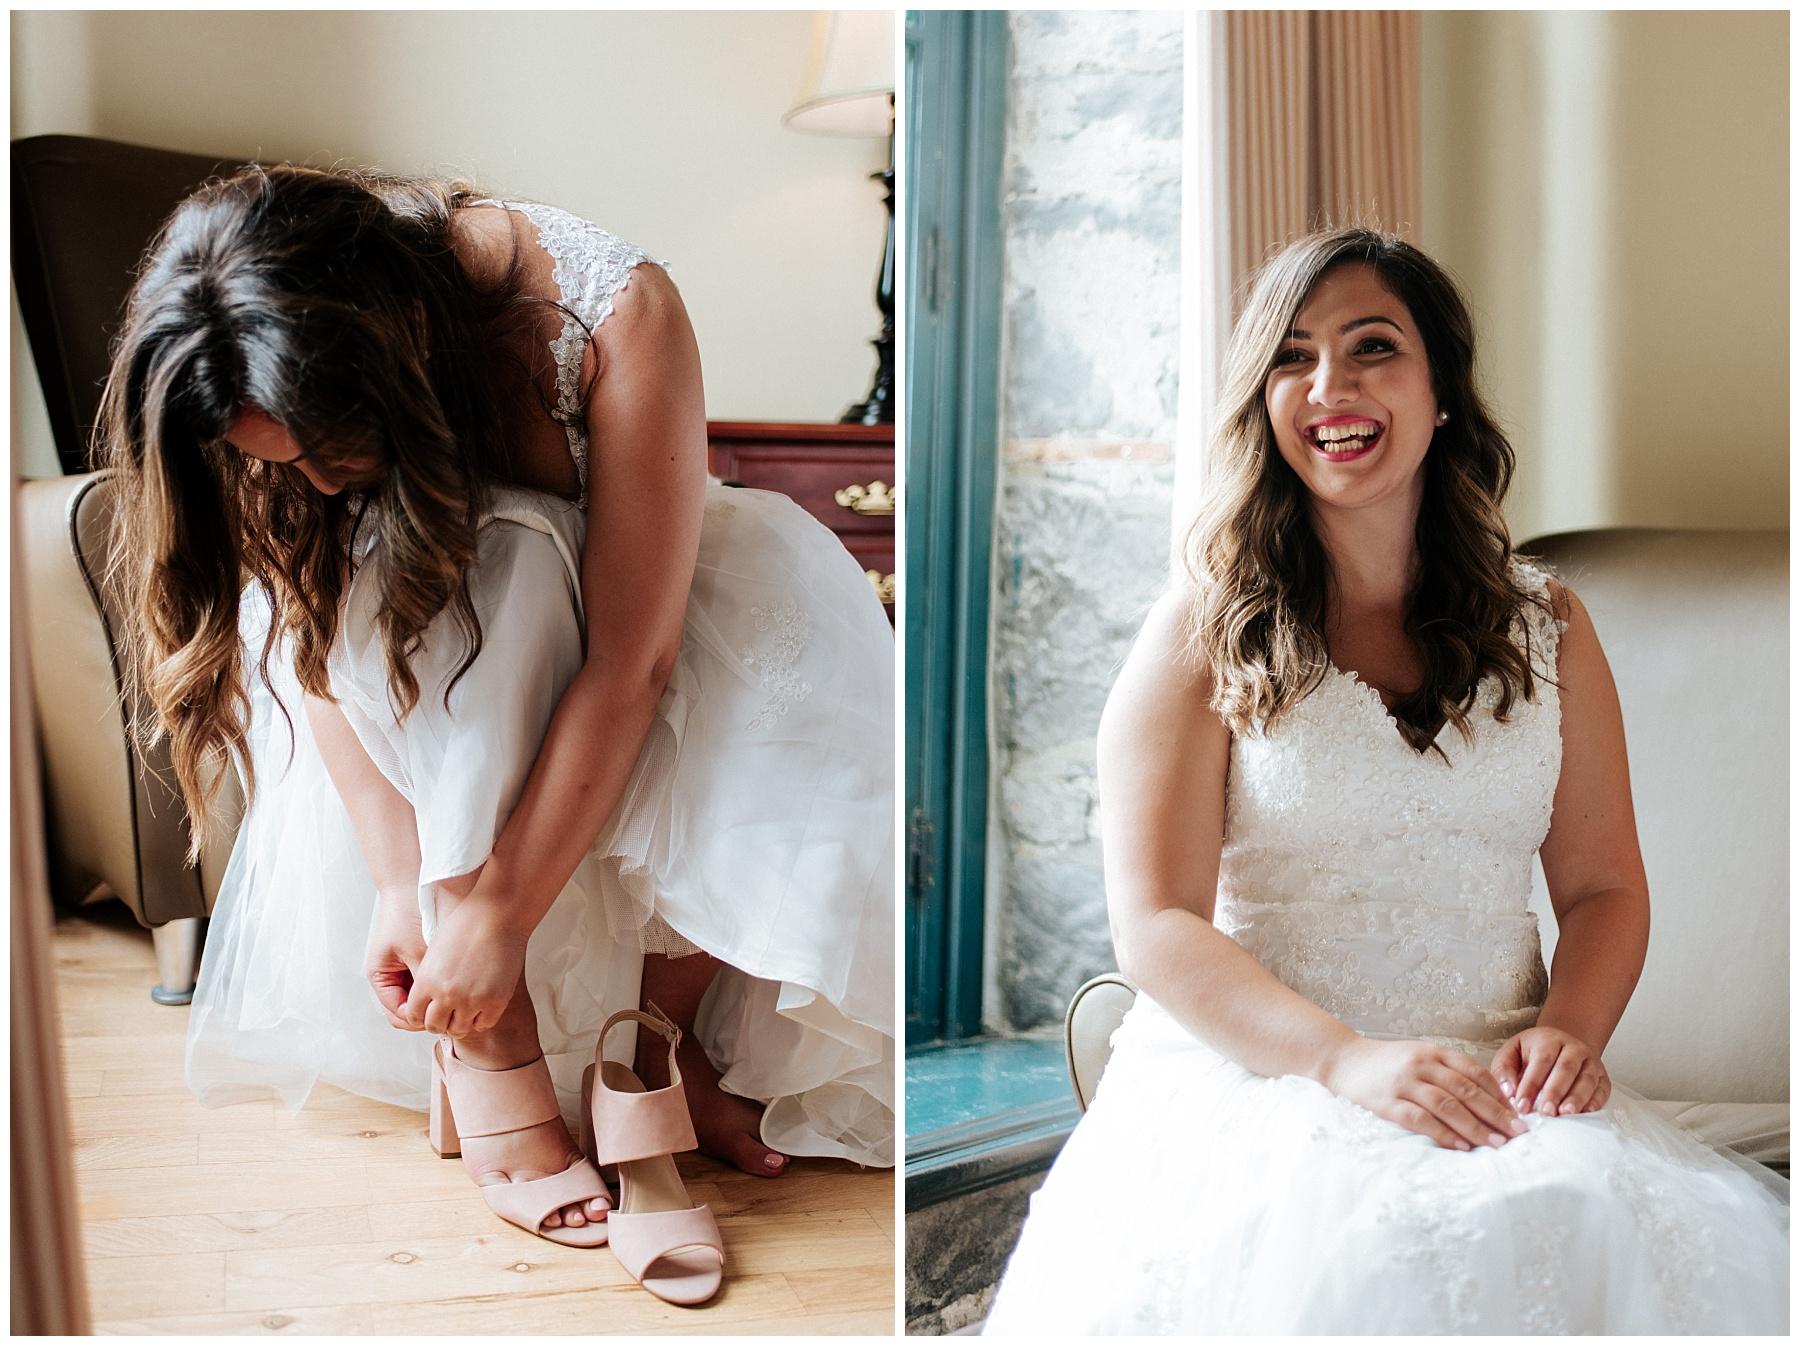 La mariée est toute excitée de pour son mariage, on la voit qui se prépare en enfilant ses souliers.